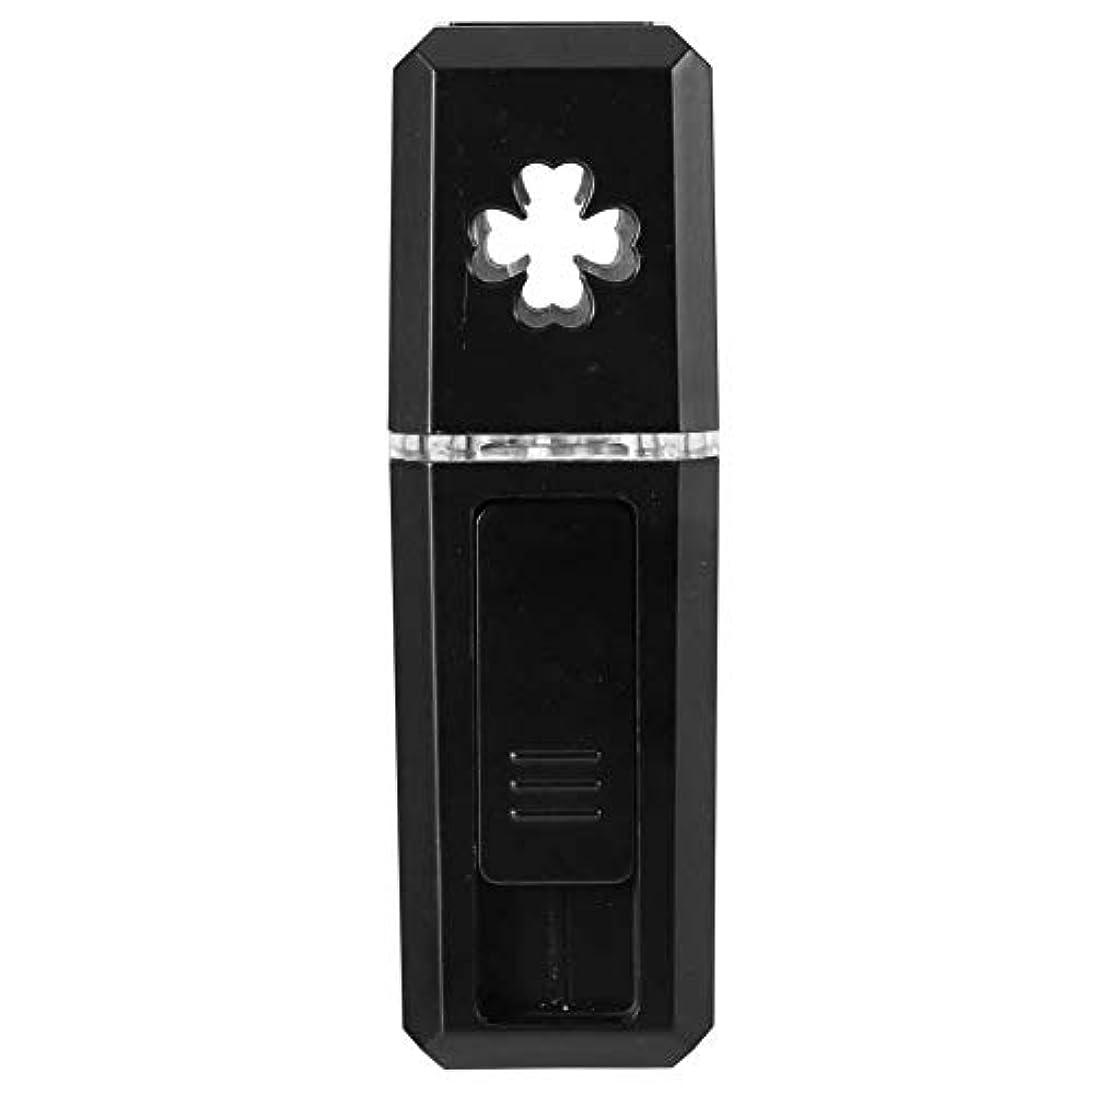 光ポルノ悪性の20ml口紅サイズミスト噴霧器、USB充電で保湿する便利なナノ噴霧機(02)